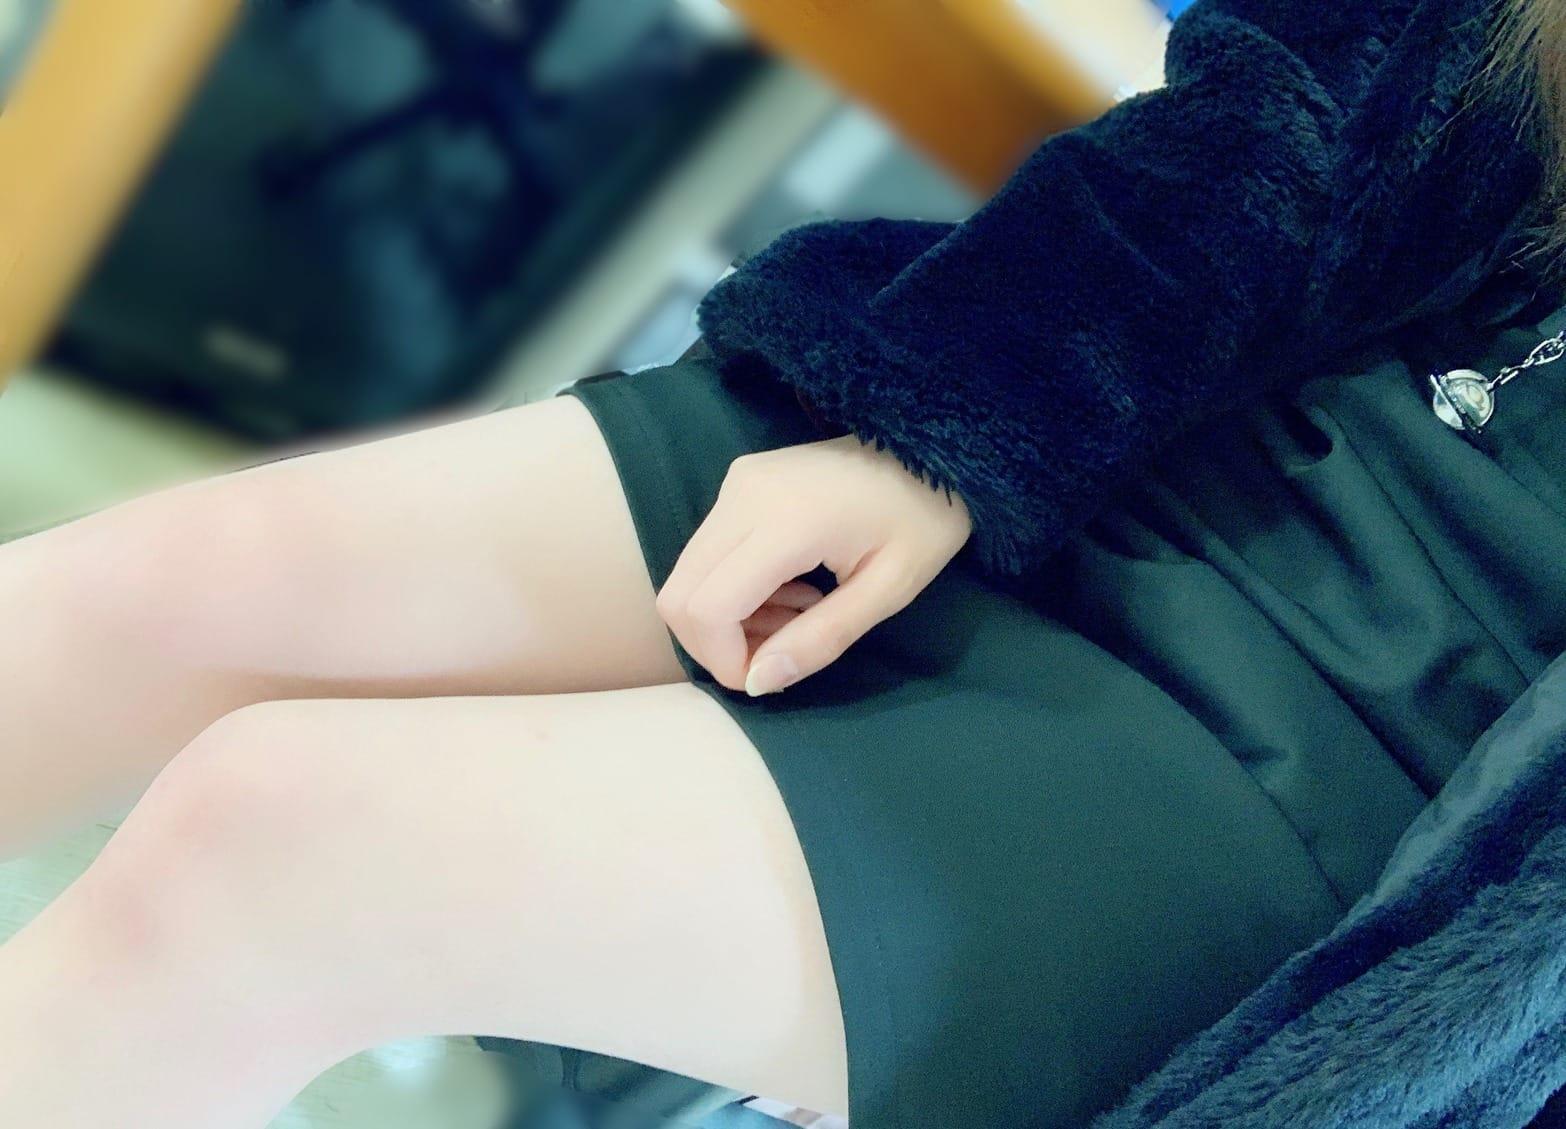 ひなせ「ひなせです( ¨̮ )」01/20(日) 09:48   ひなせの写メ・風俗動画